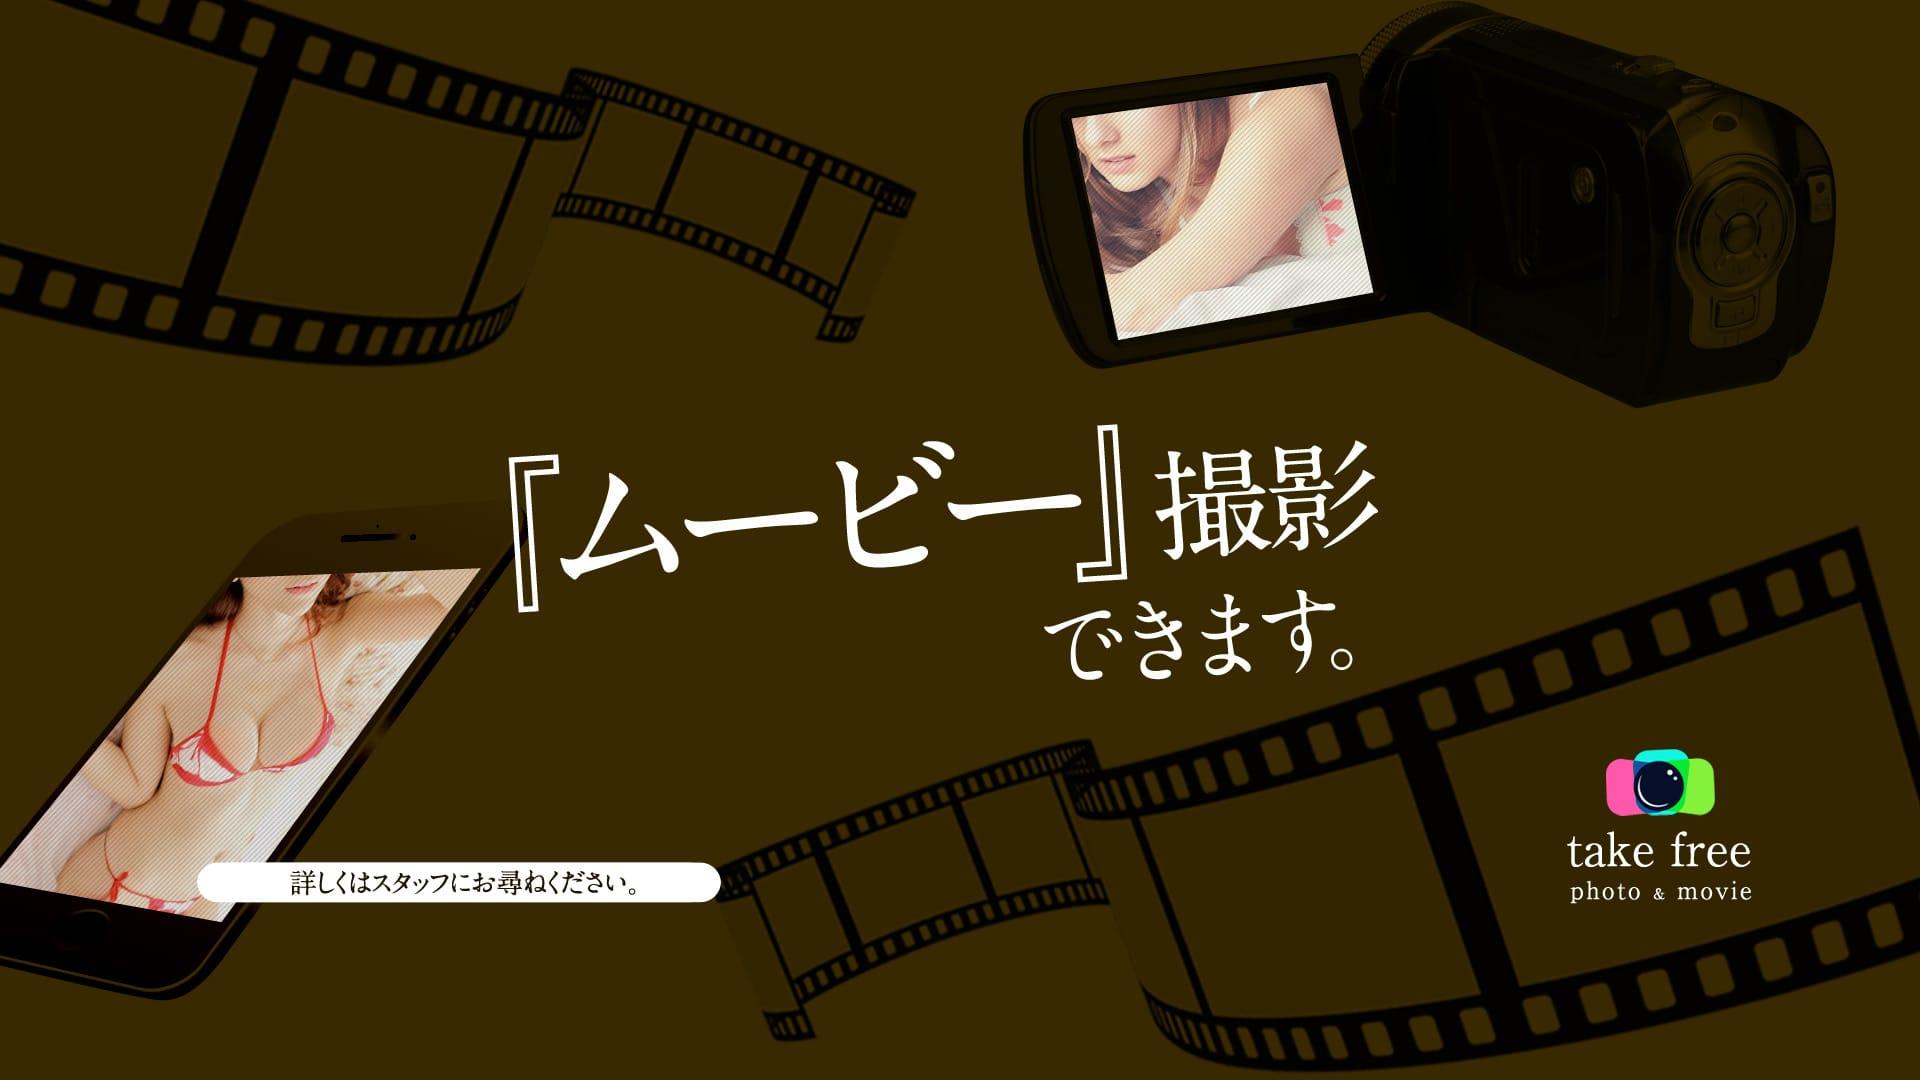 ドMな奥様 加古川店